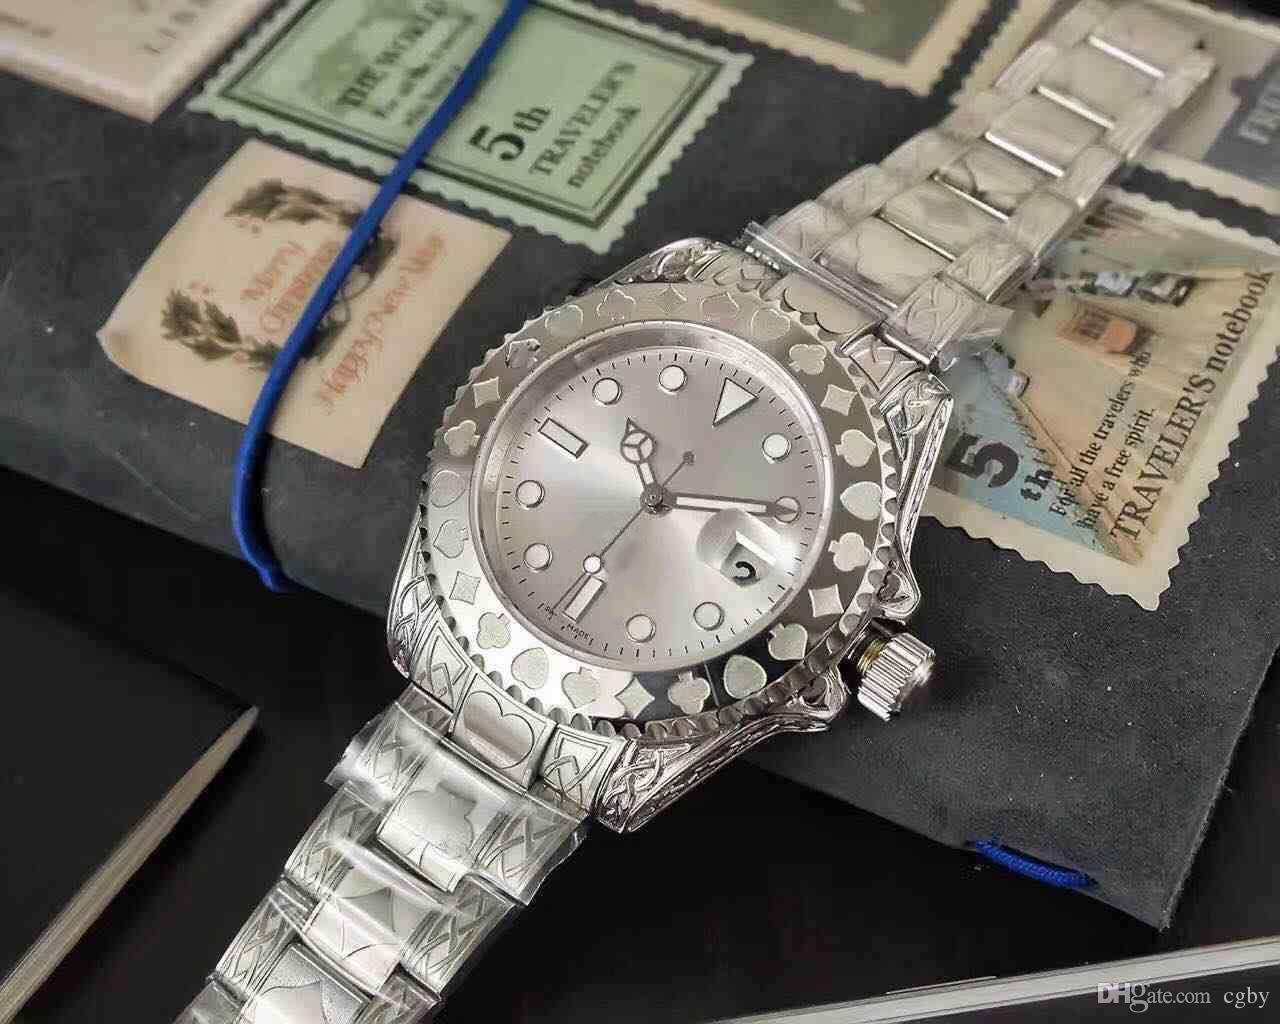 Часы мужские наручные с гравировкой think different часы купить